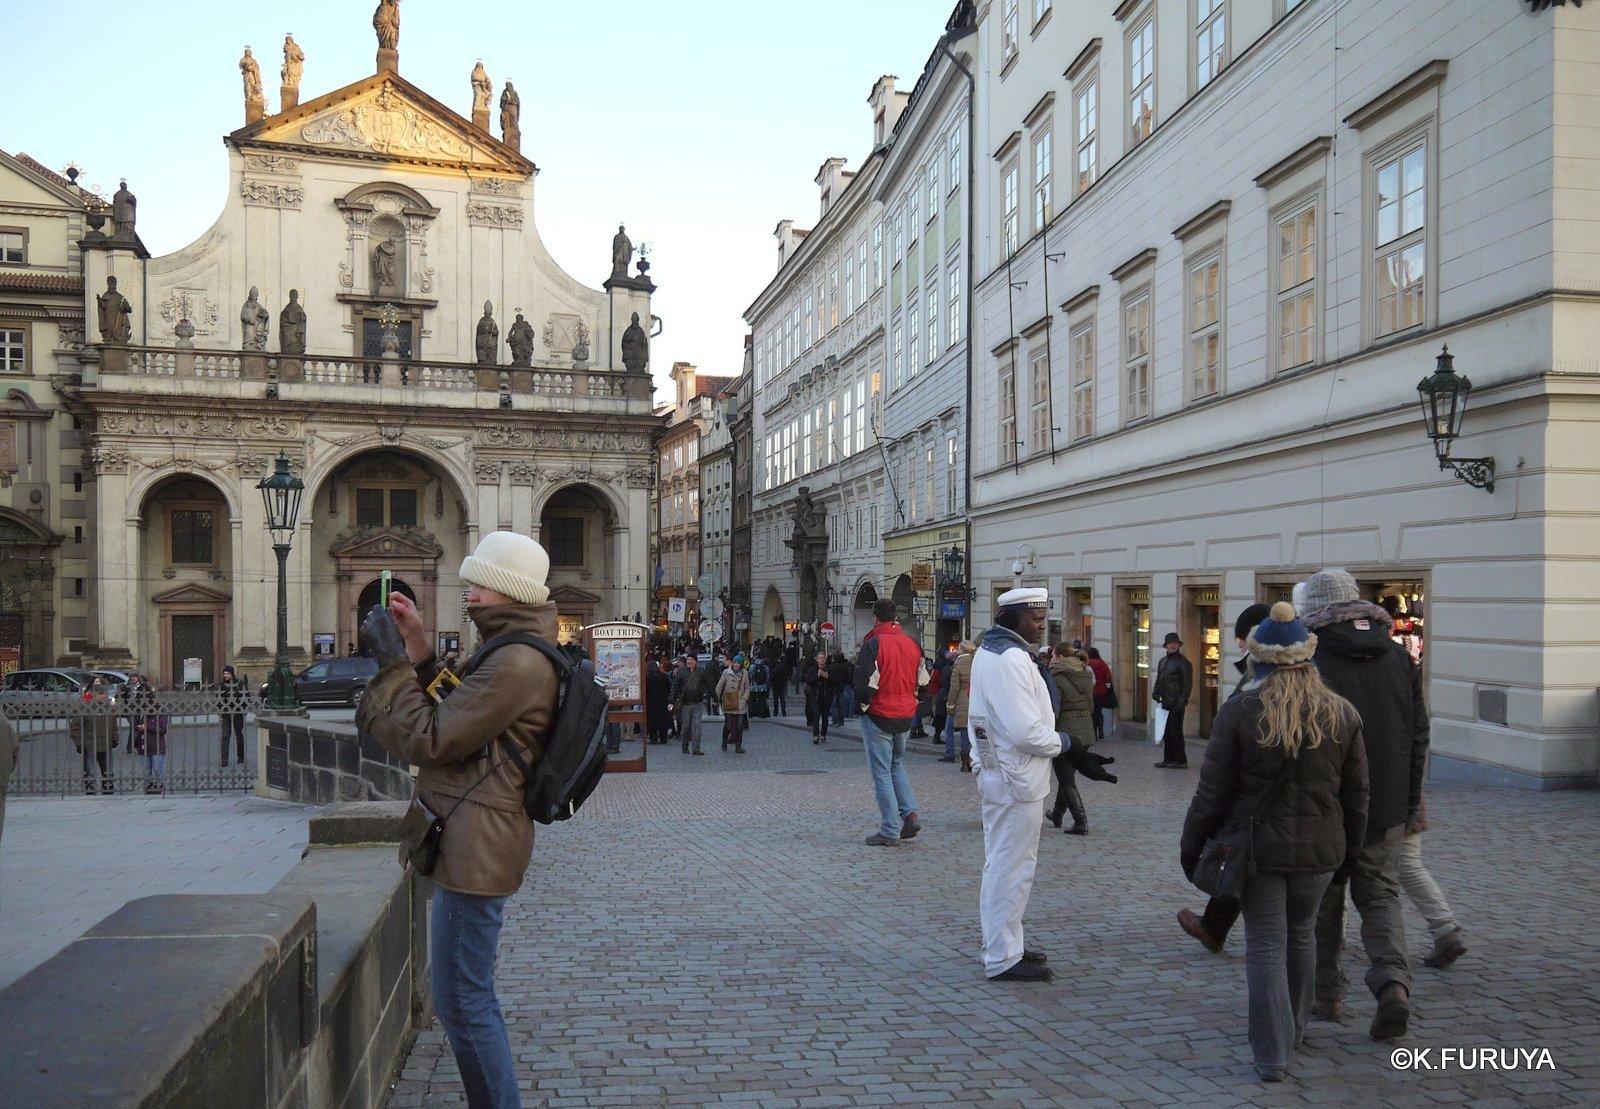 プラハ 8 カレル橋から旧市街へ_a0092659_1628350.jpg